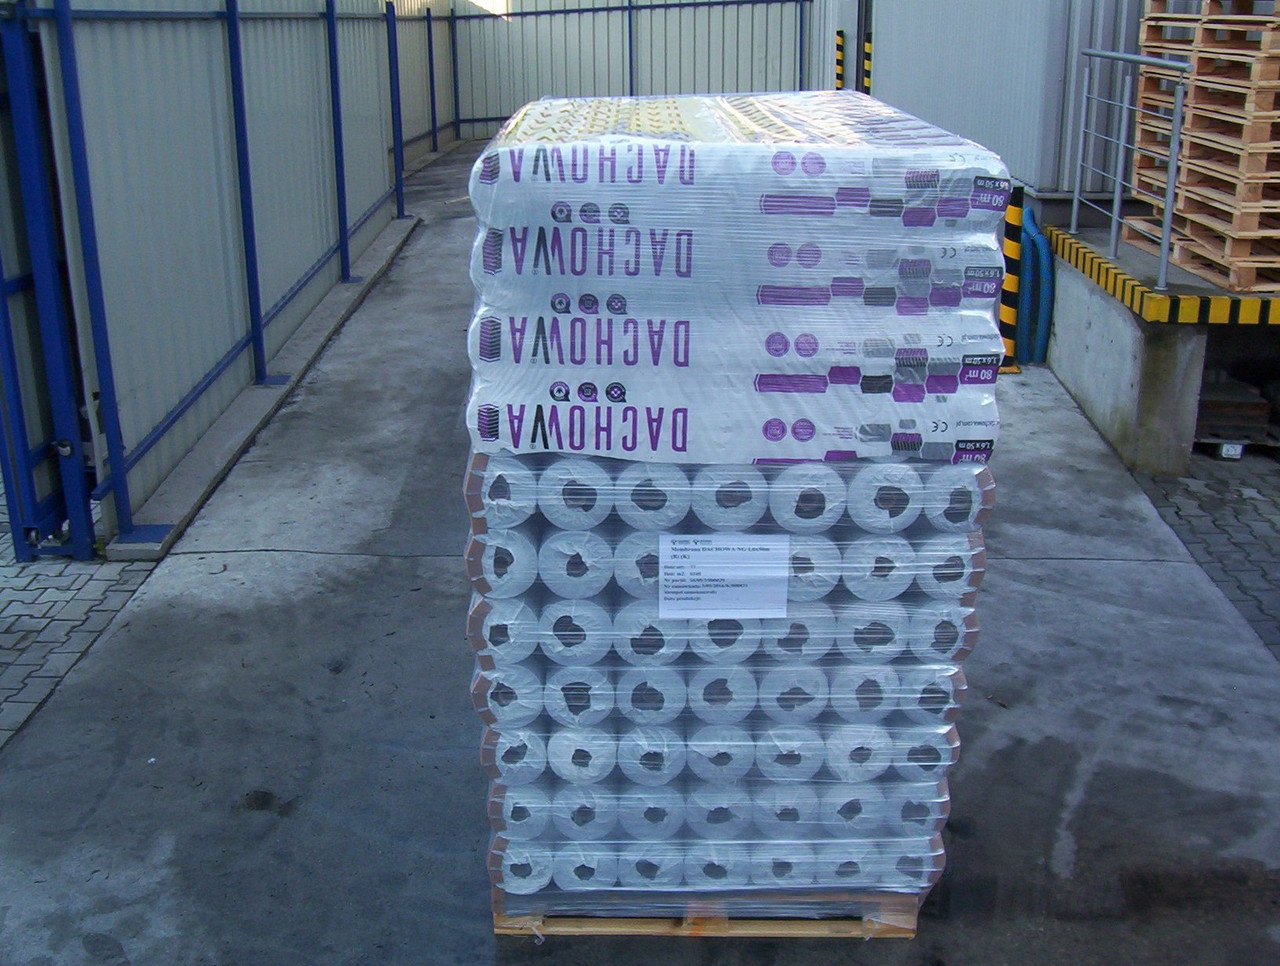 Dachowa Marma 115 g/m2 80 m2 - гідроізоляційна супердифузійна покрівельна мембрана